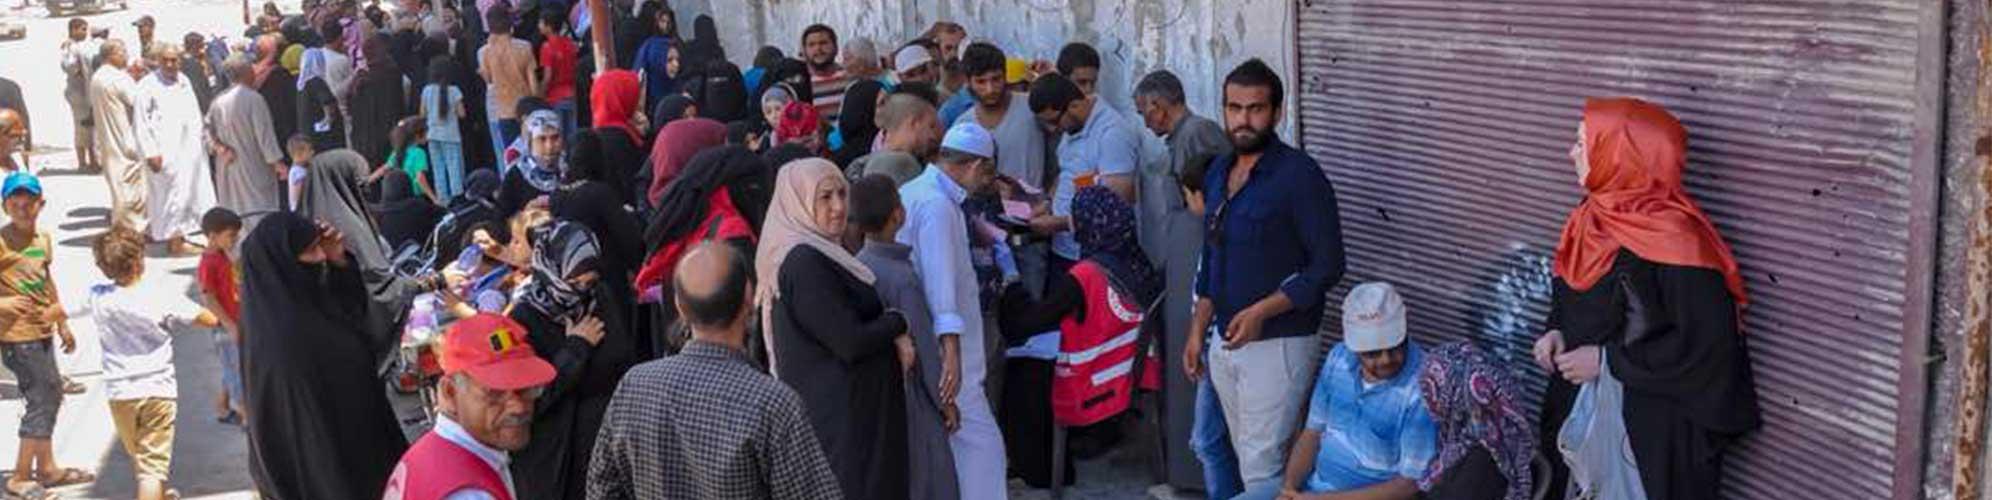 Raqqa_distribuzioni_july2018_inner